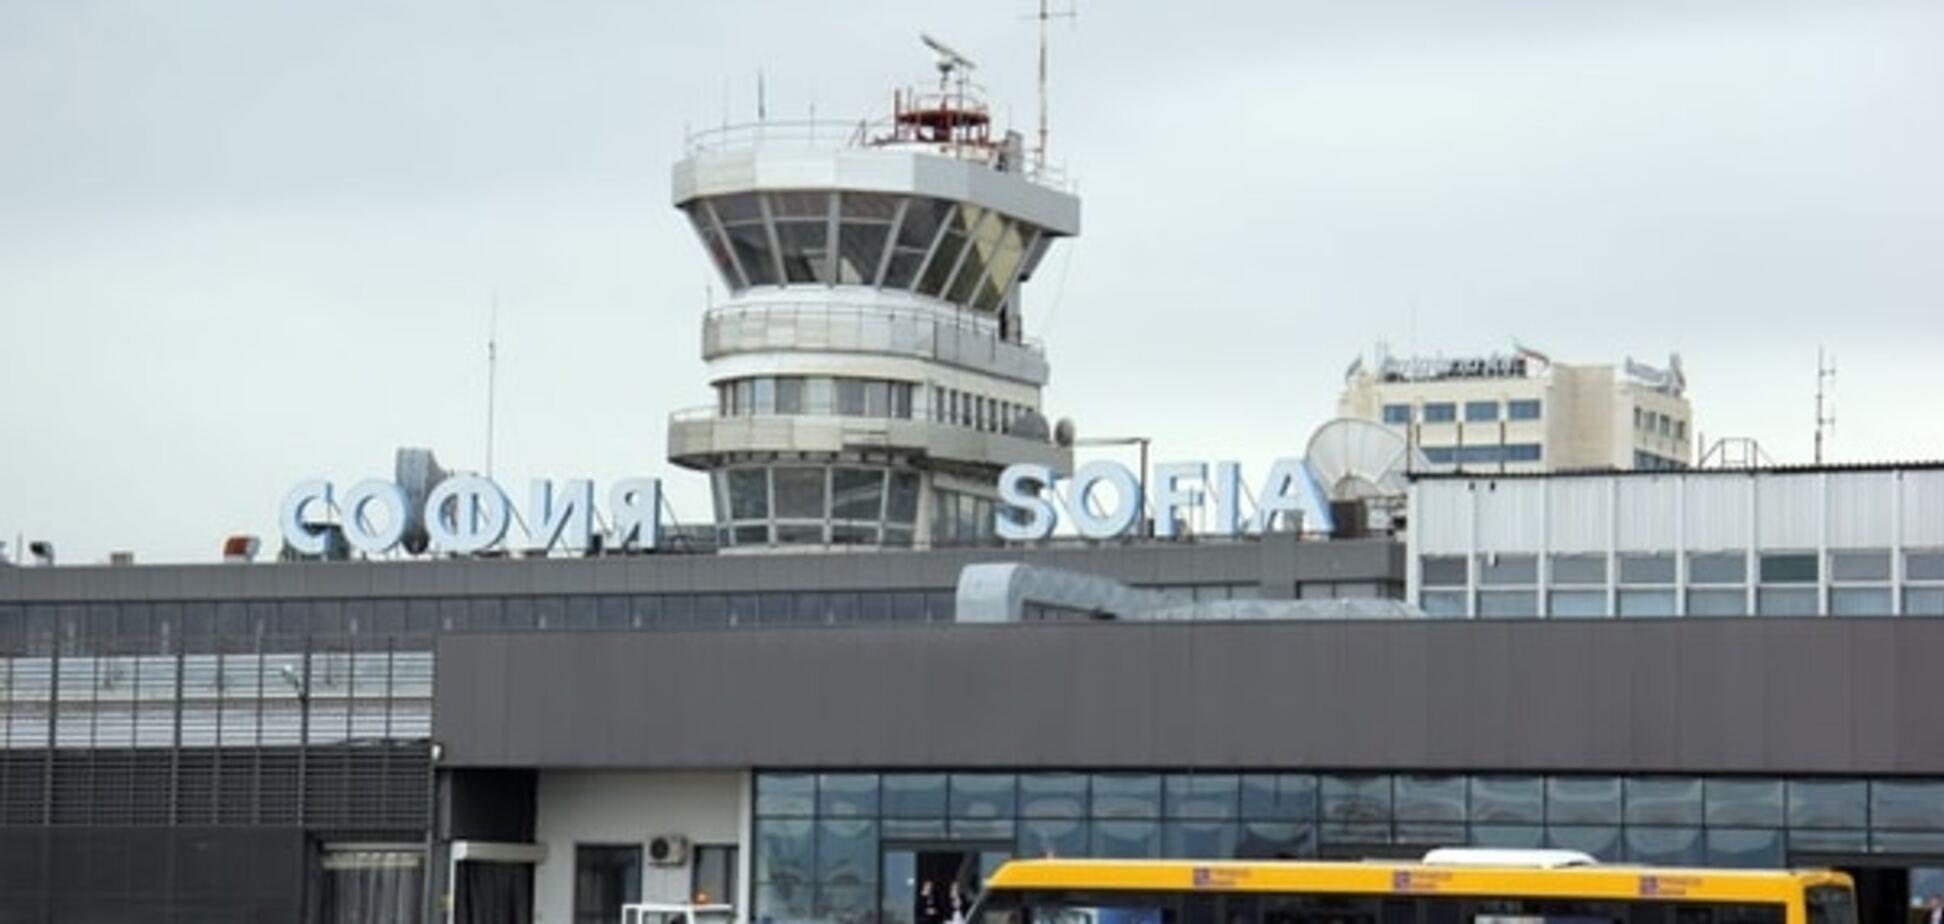 Замінований автобус викликав переполох в аеропорту Софії